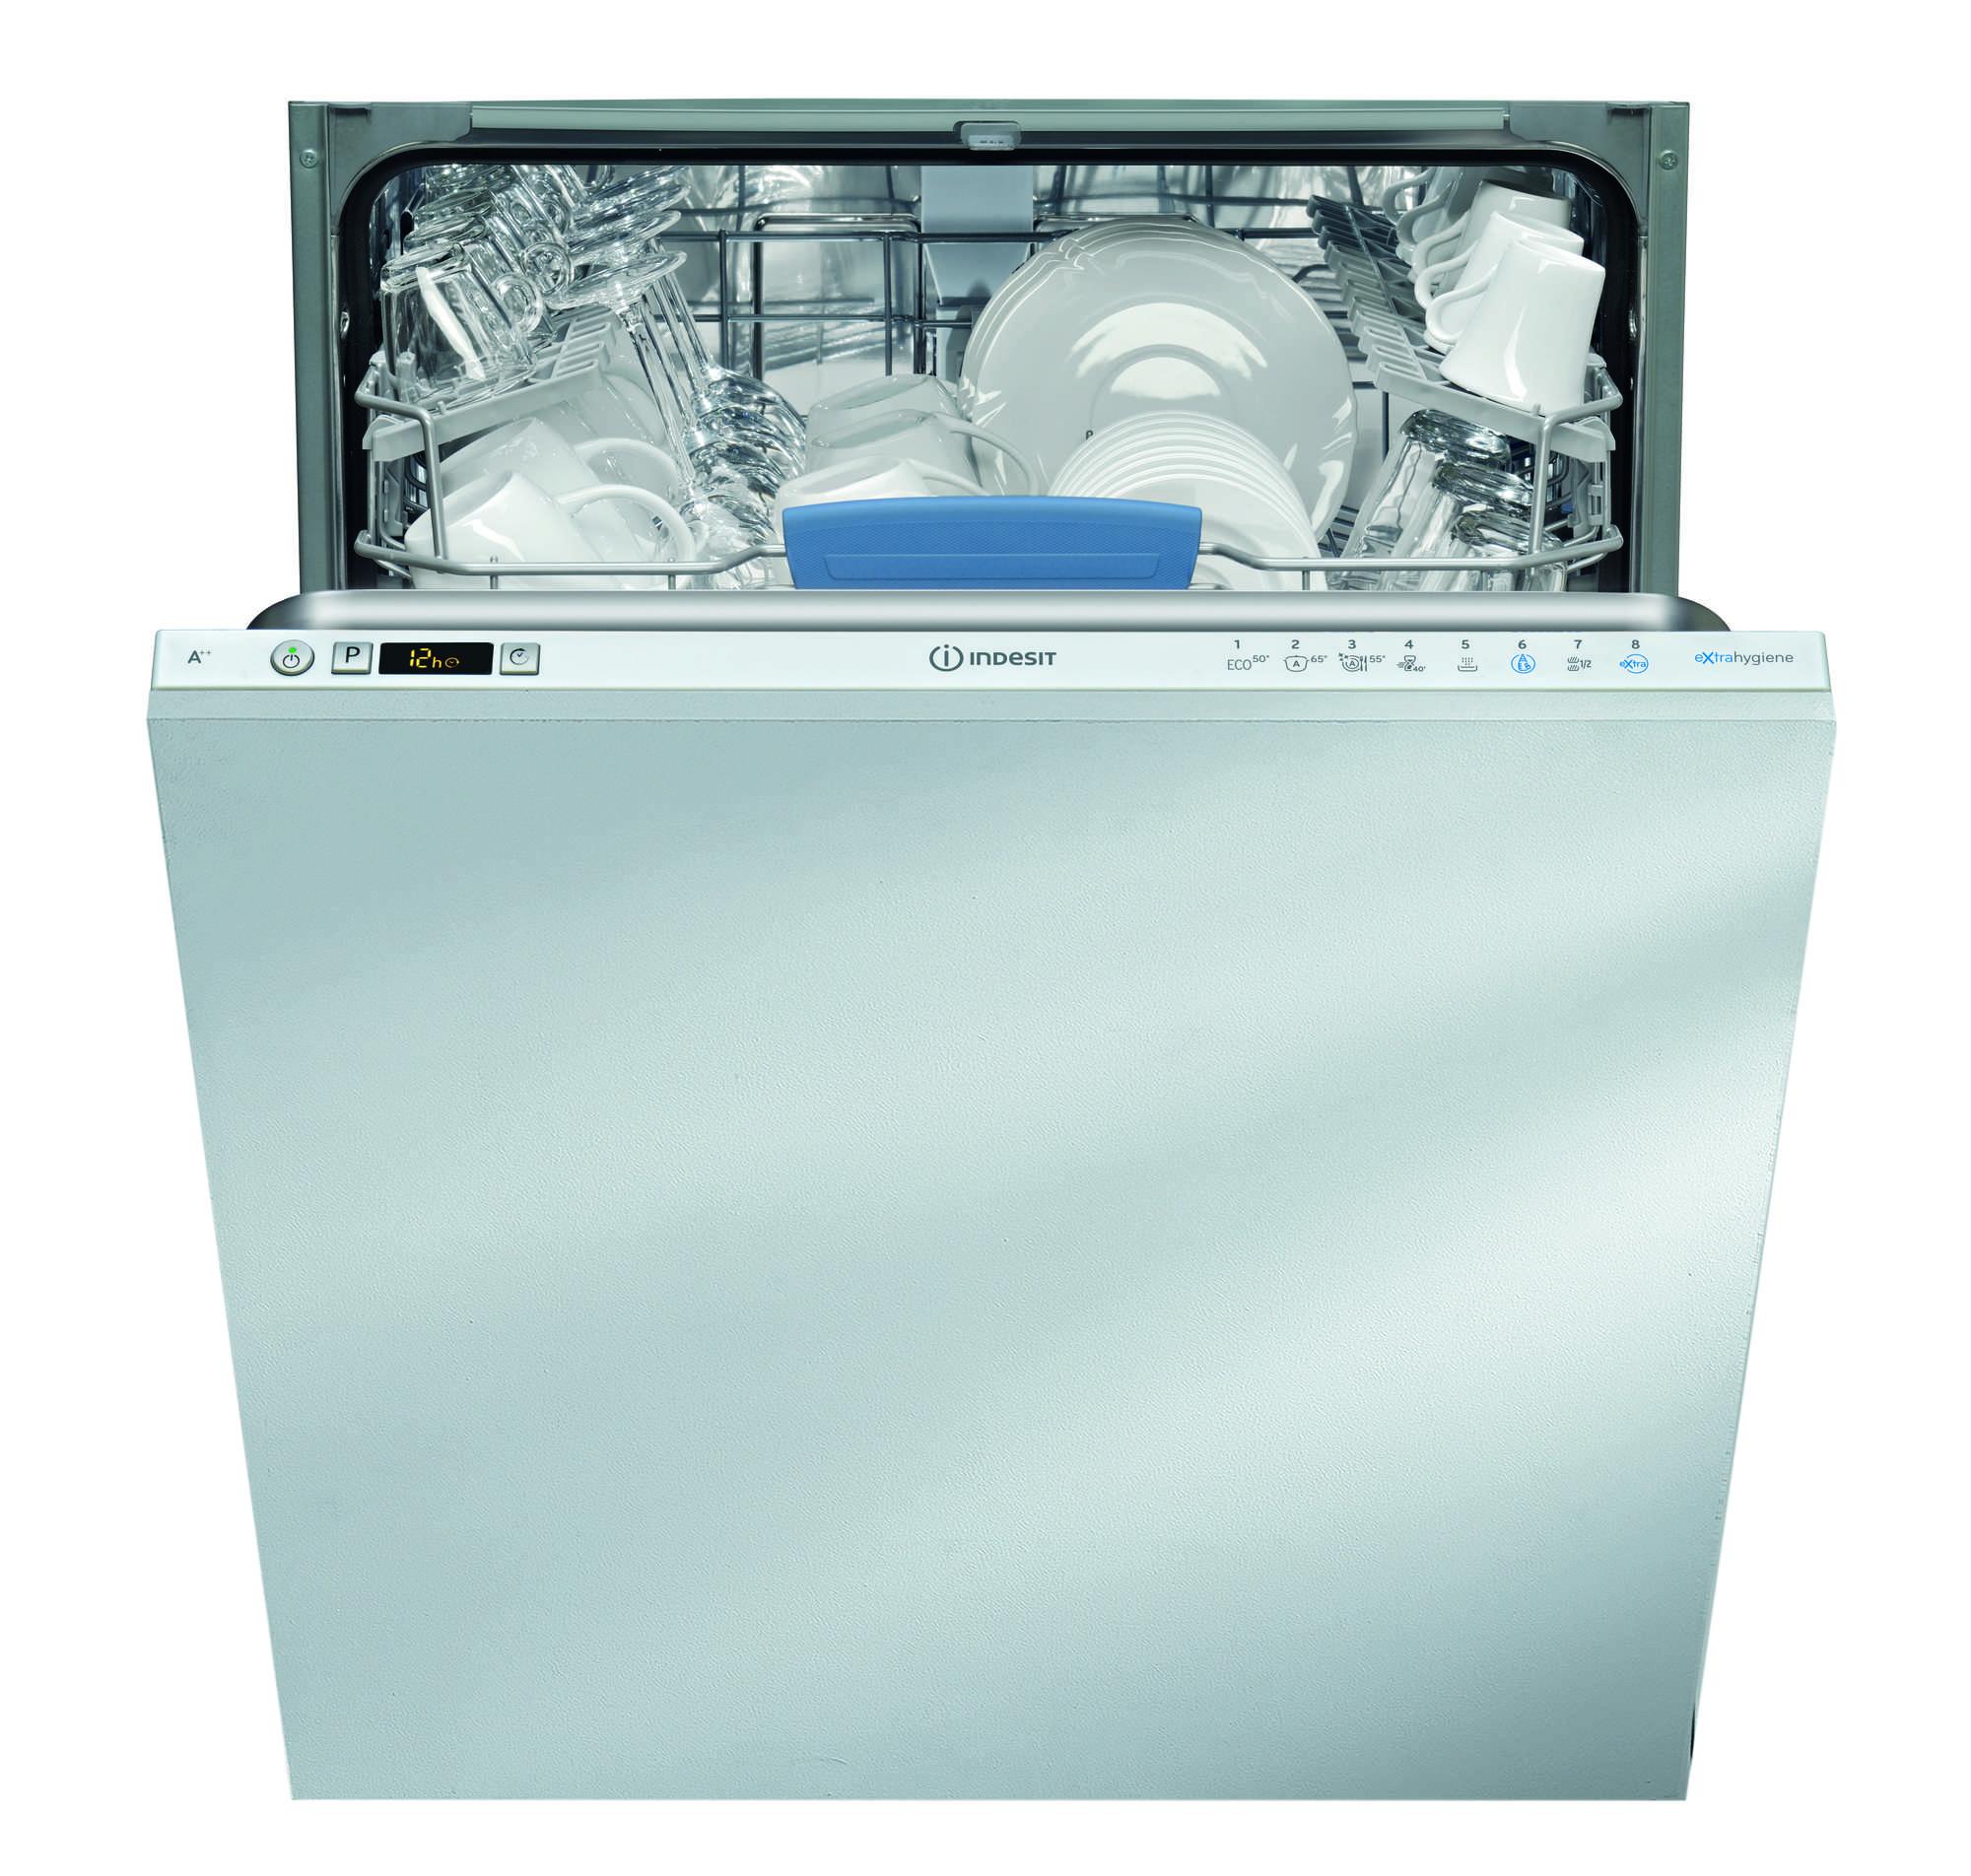 Lave vaisselle 3 tiroirs excellent wiodel whirlpool full - Lave vaisselle avec tiroir a couvert ...